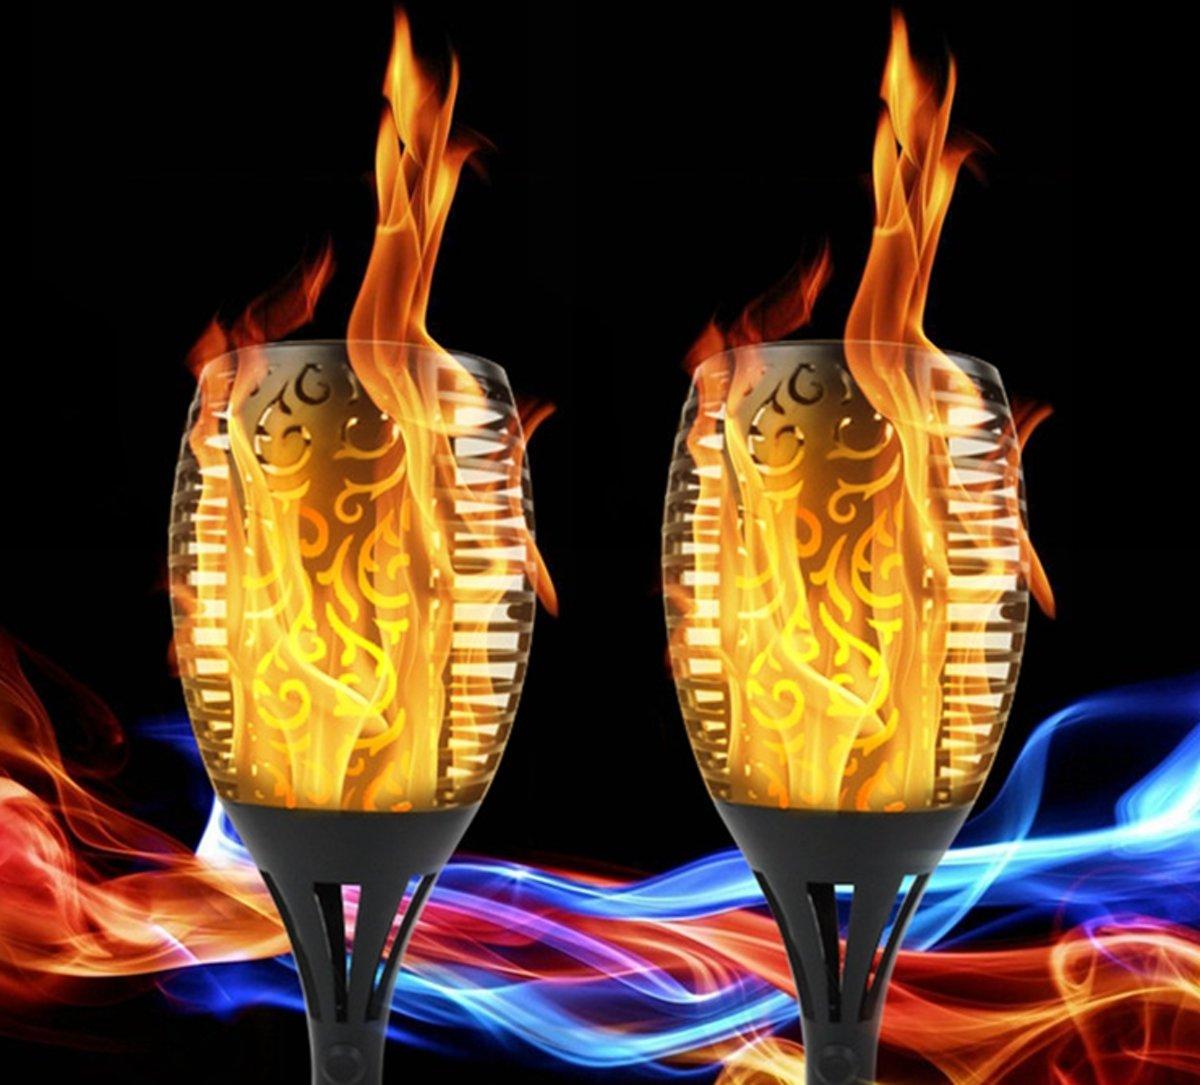 2 STUKS Vuur/Flame 96LED  Solar Fakkel met echte vuursimulatie kopen